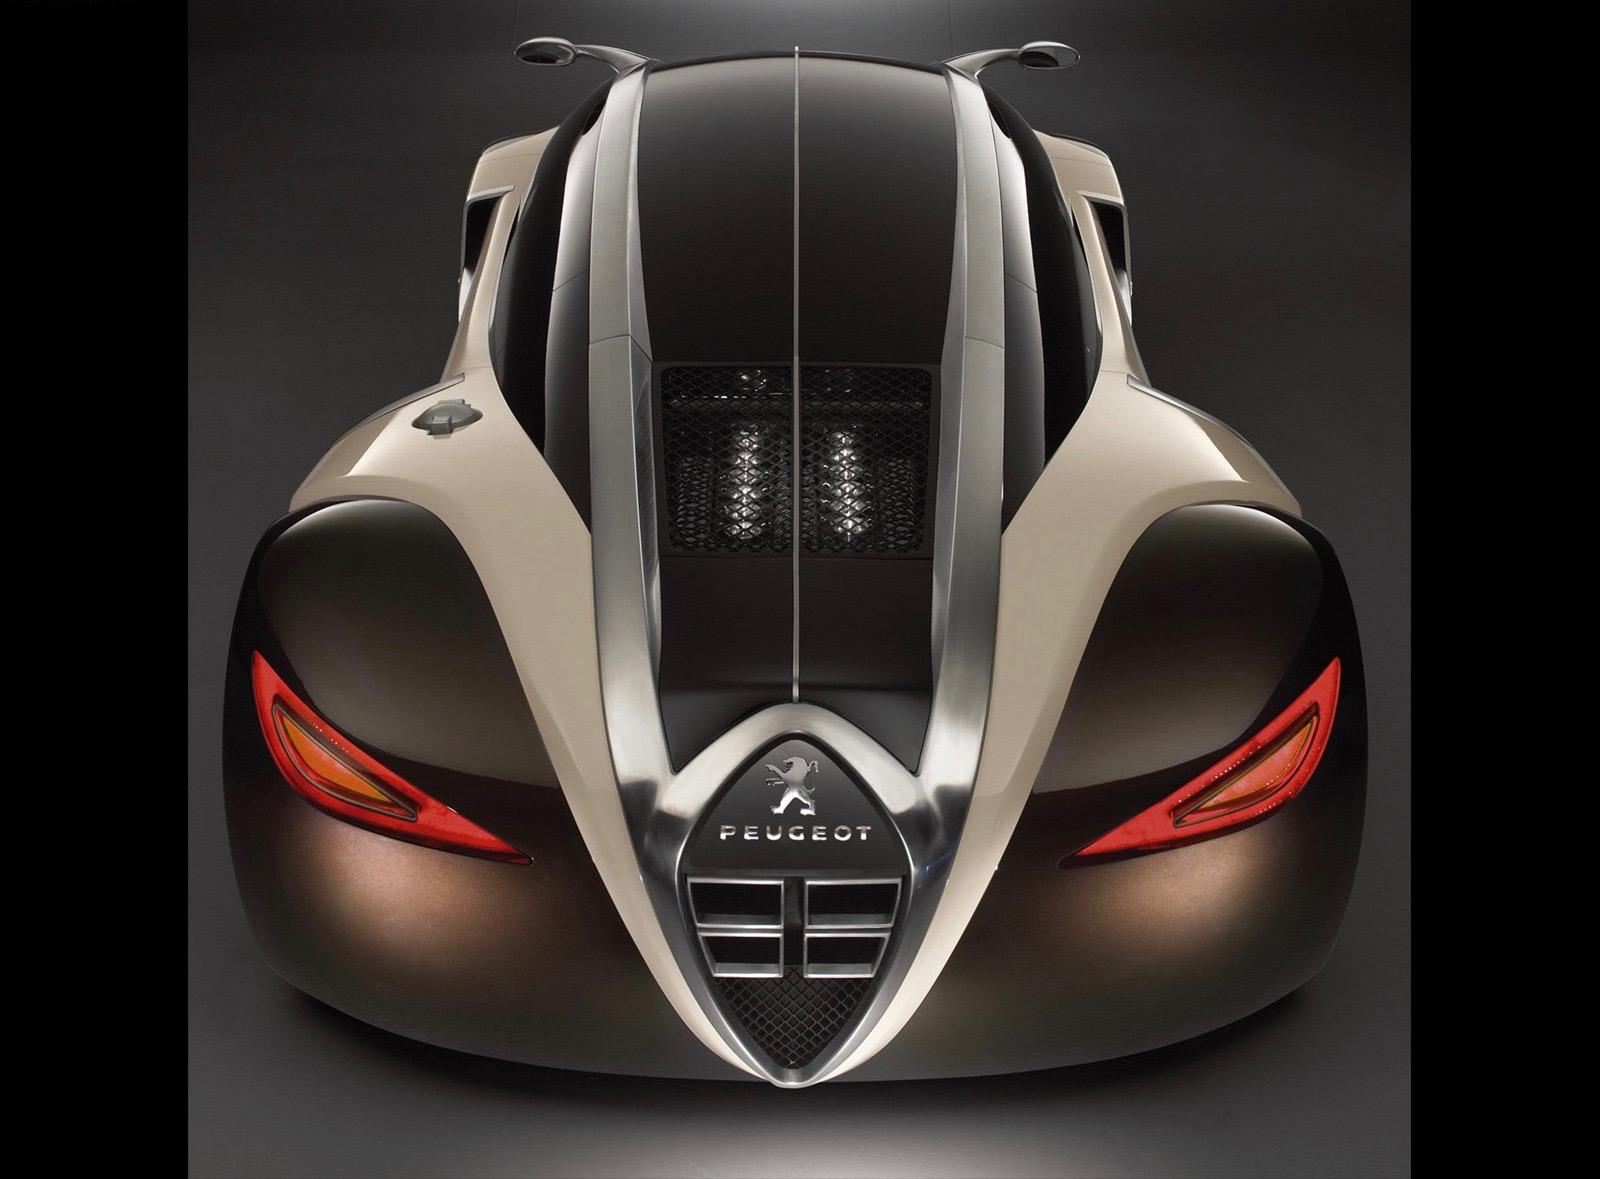 Peugeot_4002_Concept_09